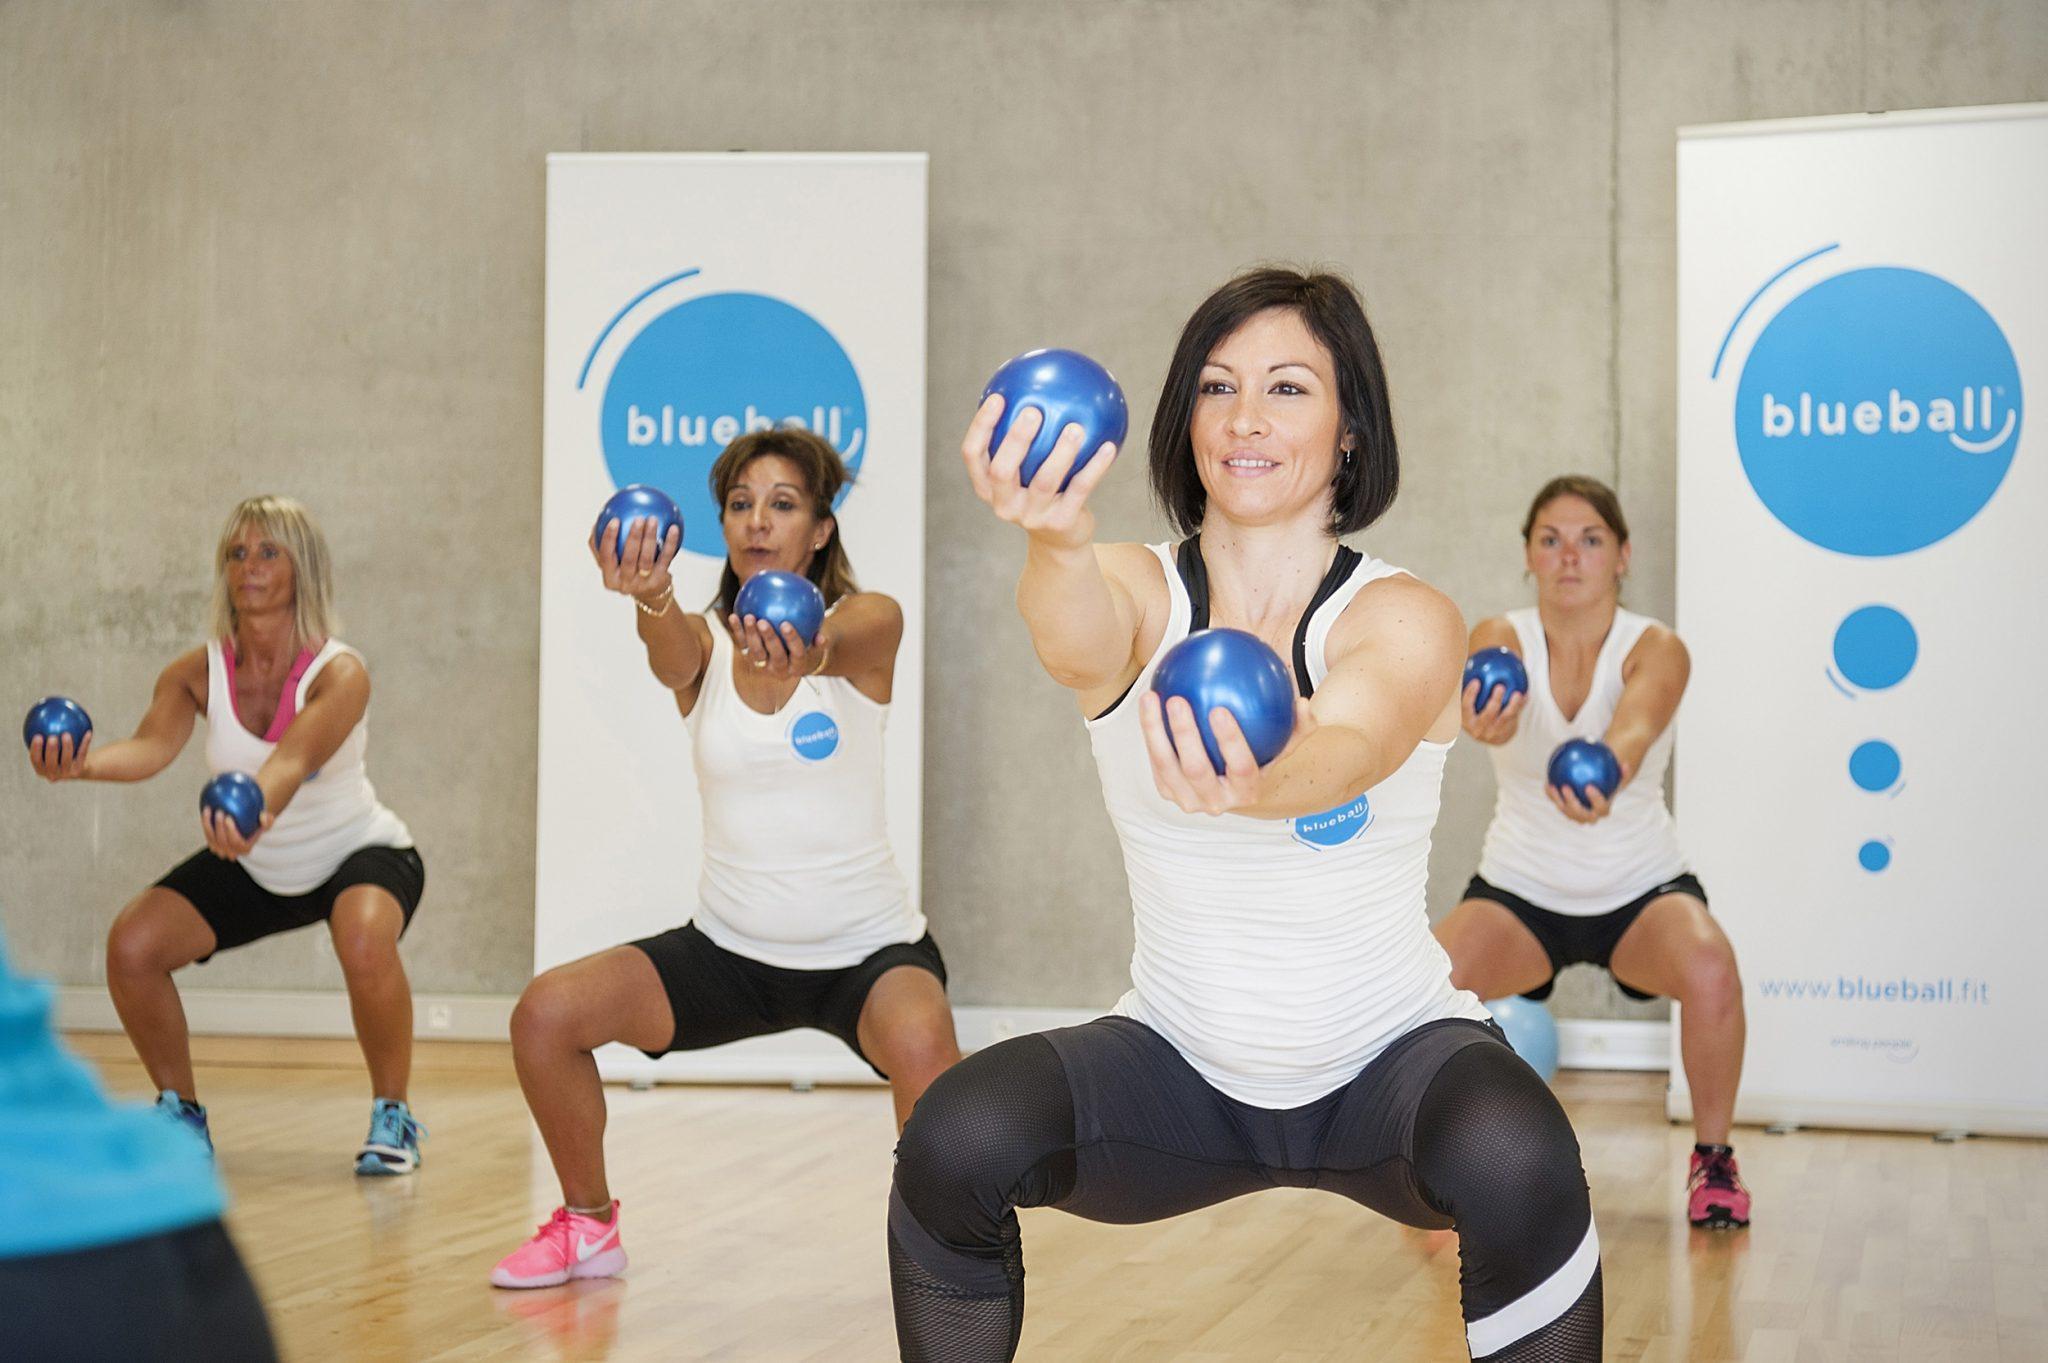 nouvelle activit de positive fitness blueball bienheureusement bien tre sant. Black Bedroom Furniture Sets. Home Design Ideas